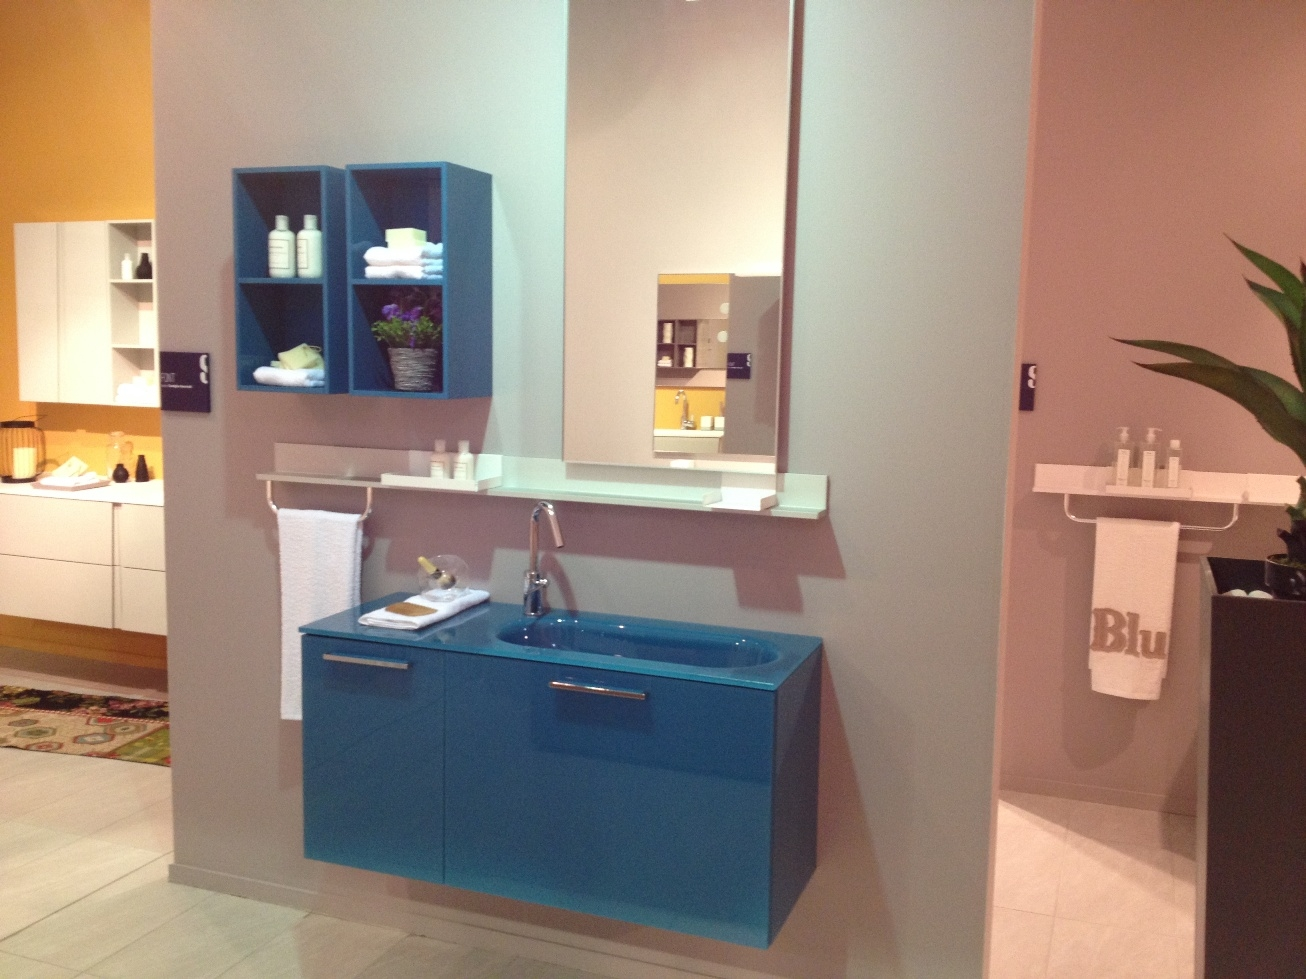 Scavolini bathrooms front vetro arredo bagno a prezzi - Mobili bagno scavolini prezzi ...